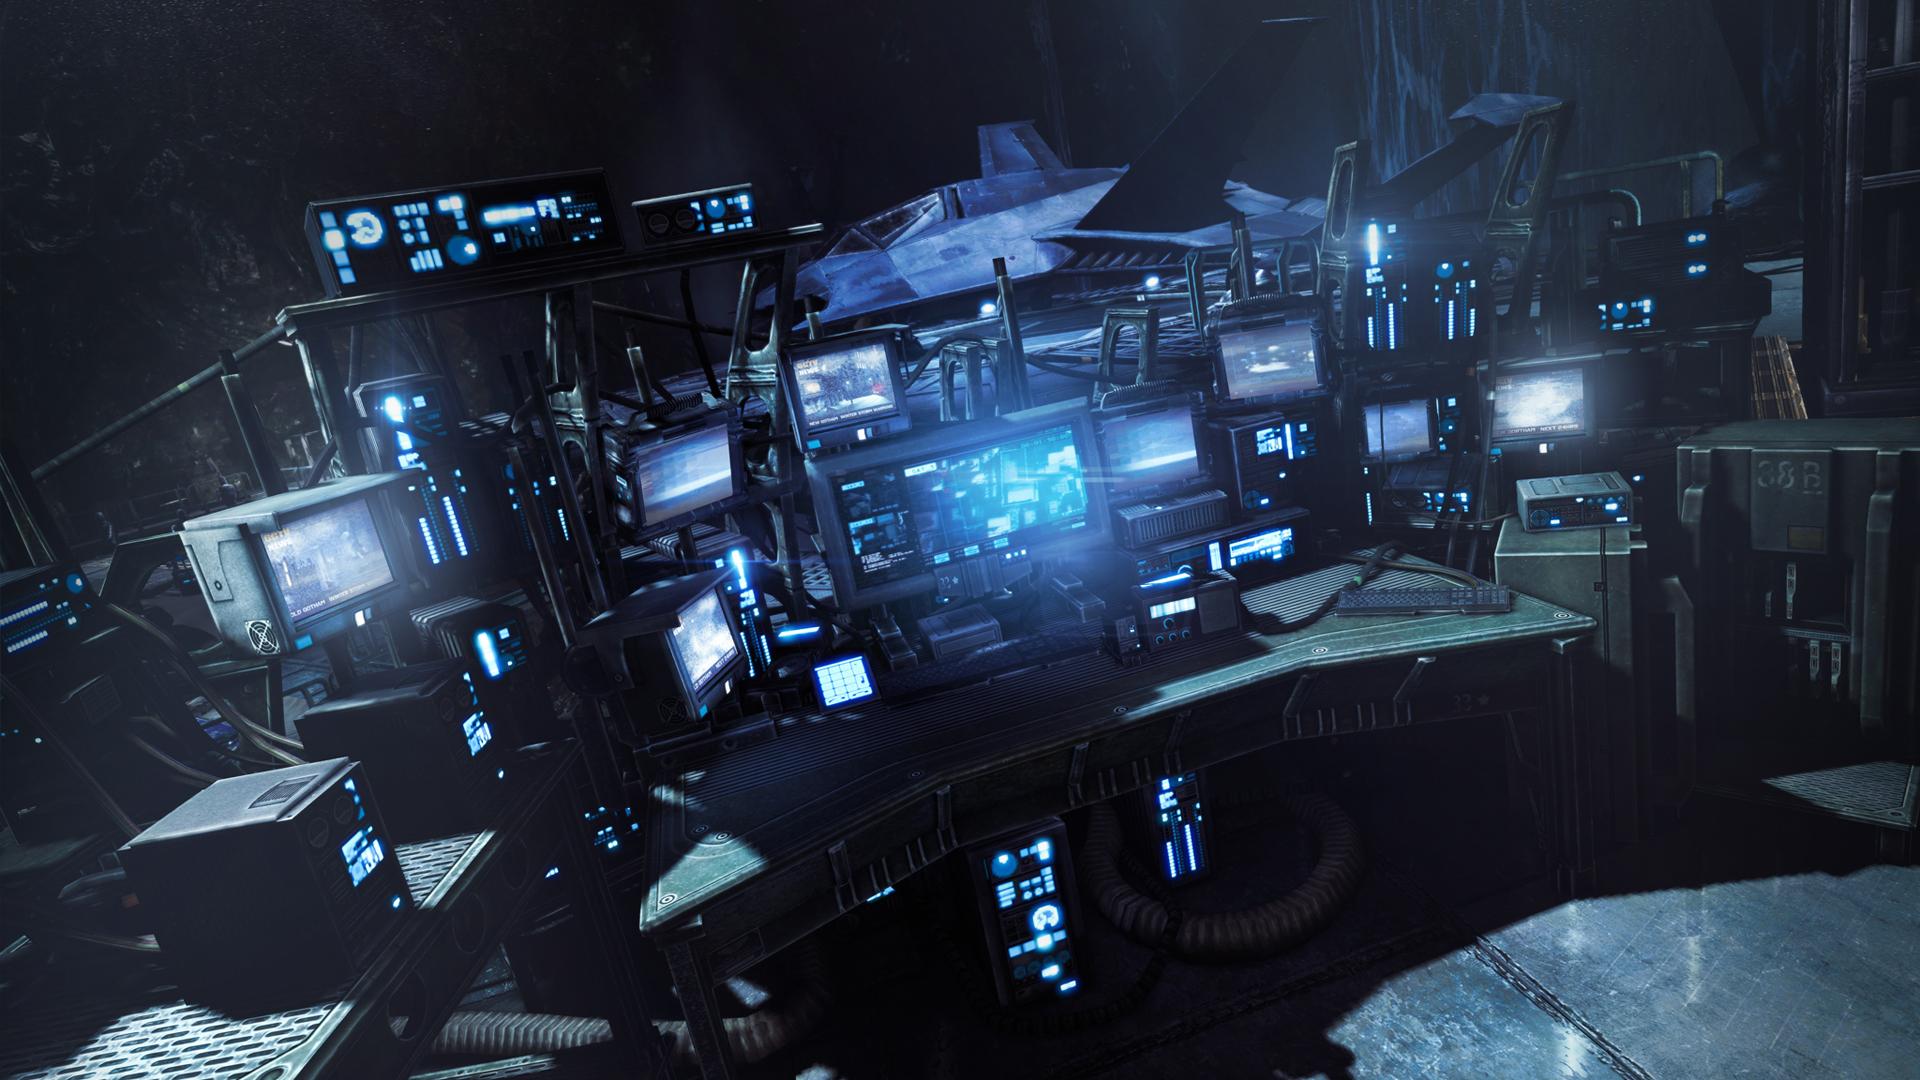 Computers! photo